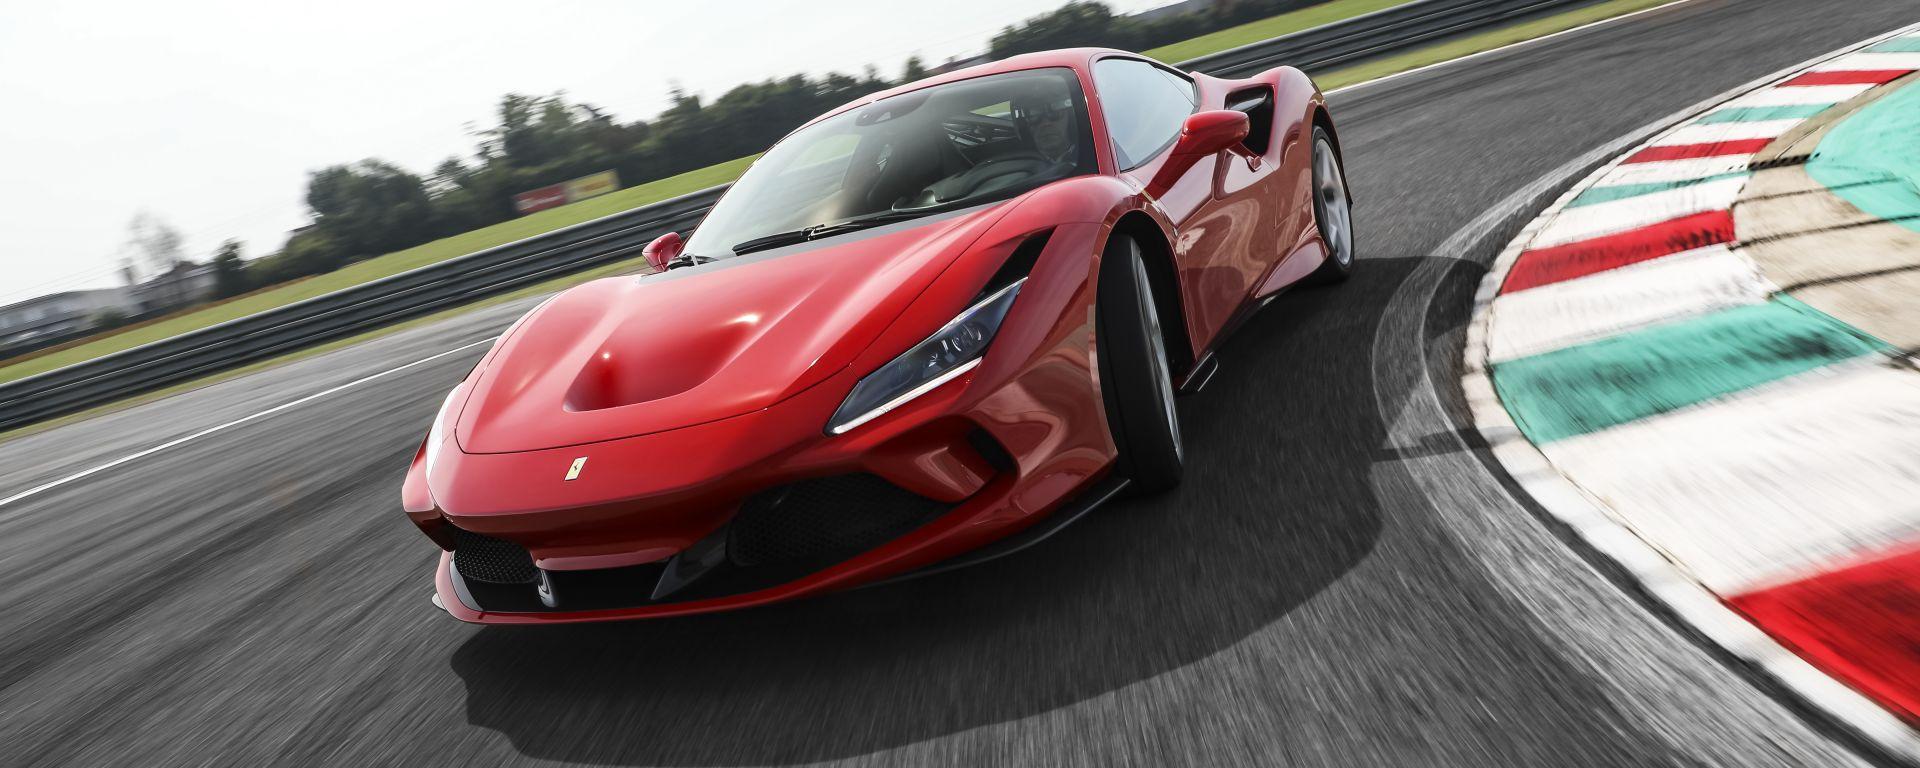 Video Ferrari F8 Tributo 2019: la prova su strada e in pista